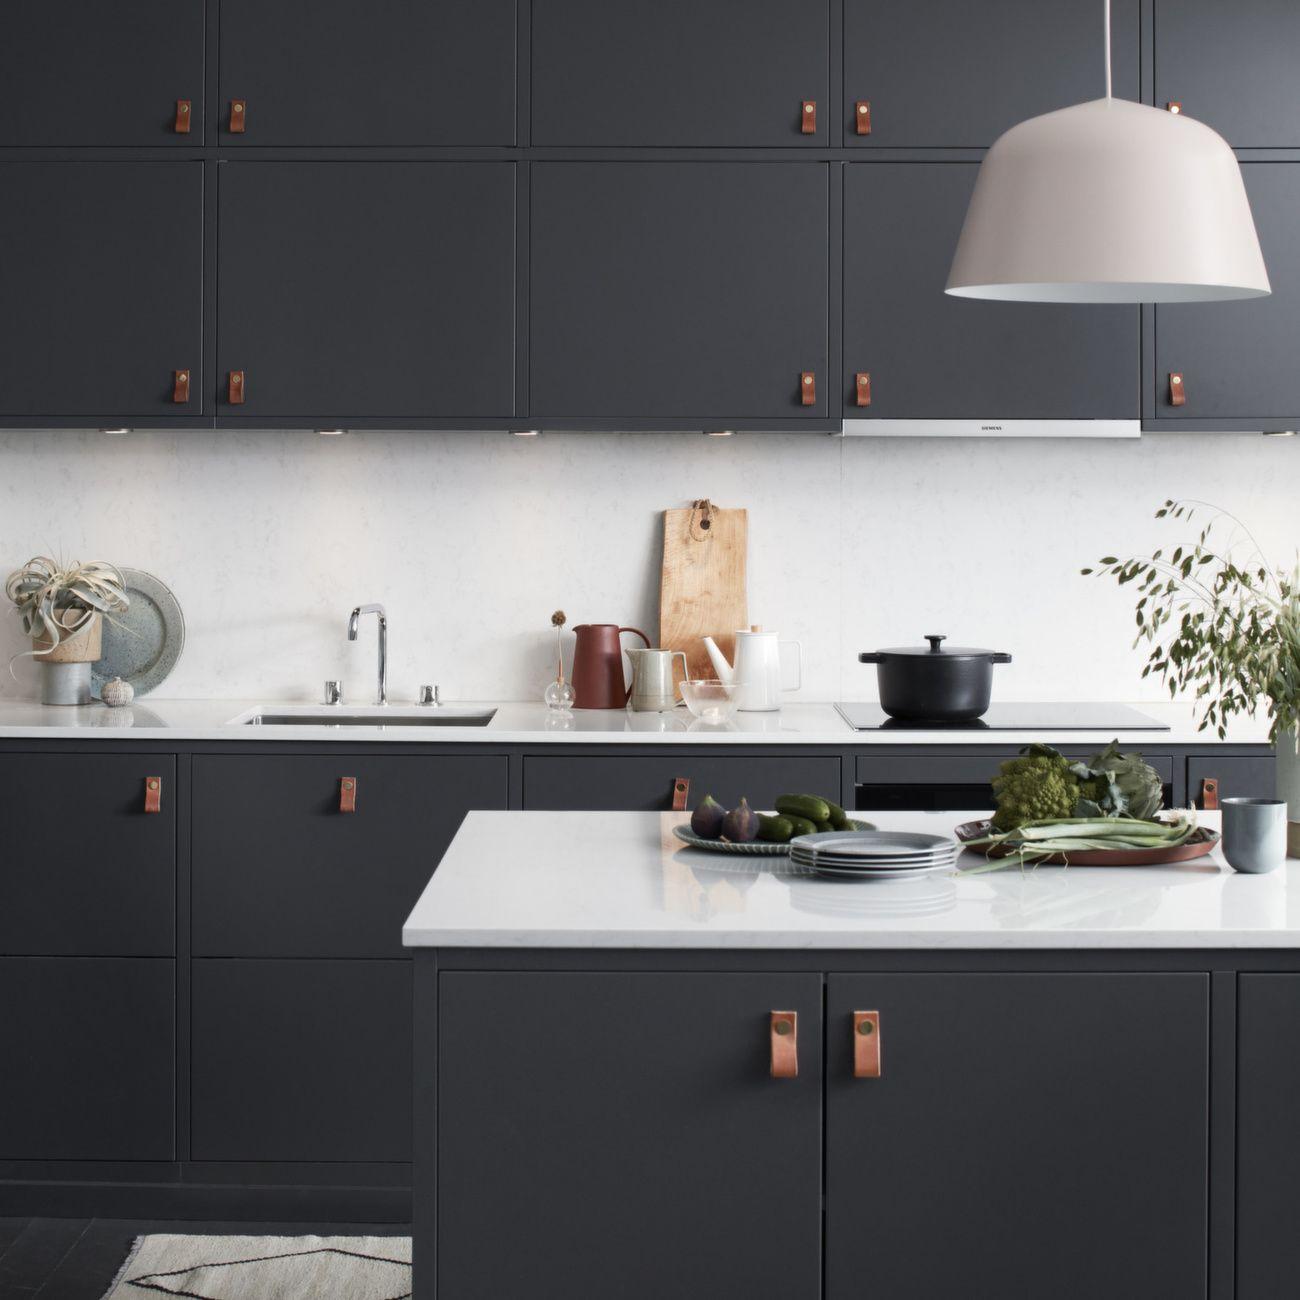 Image result for kungsbacka ikea Interior design kitchen